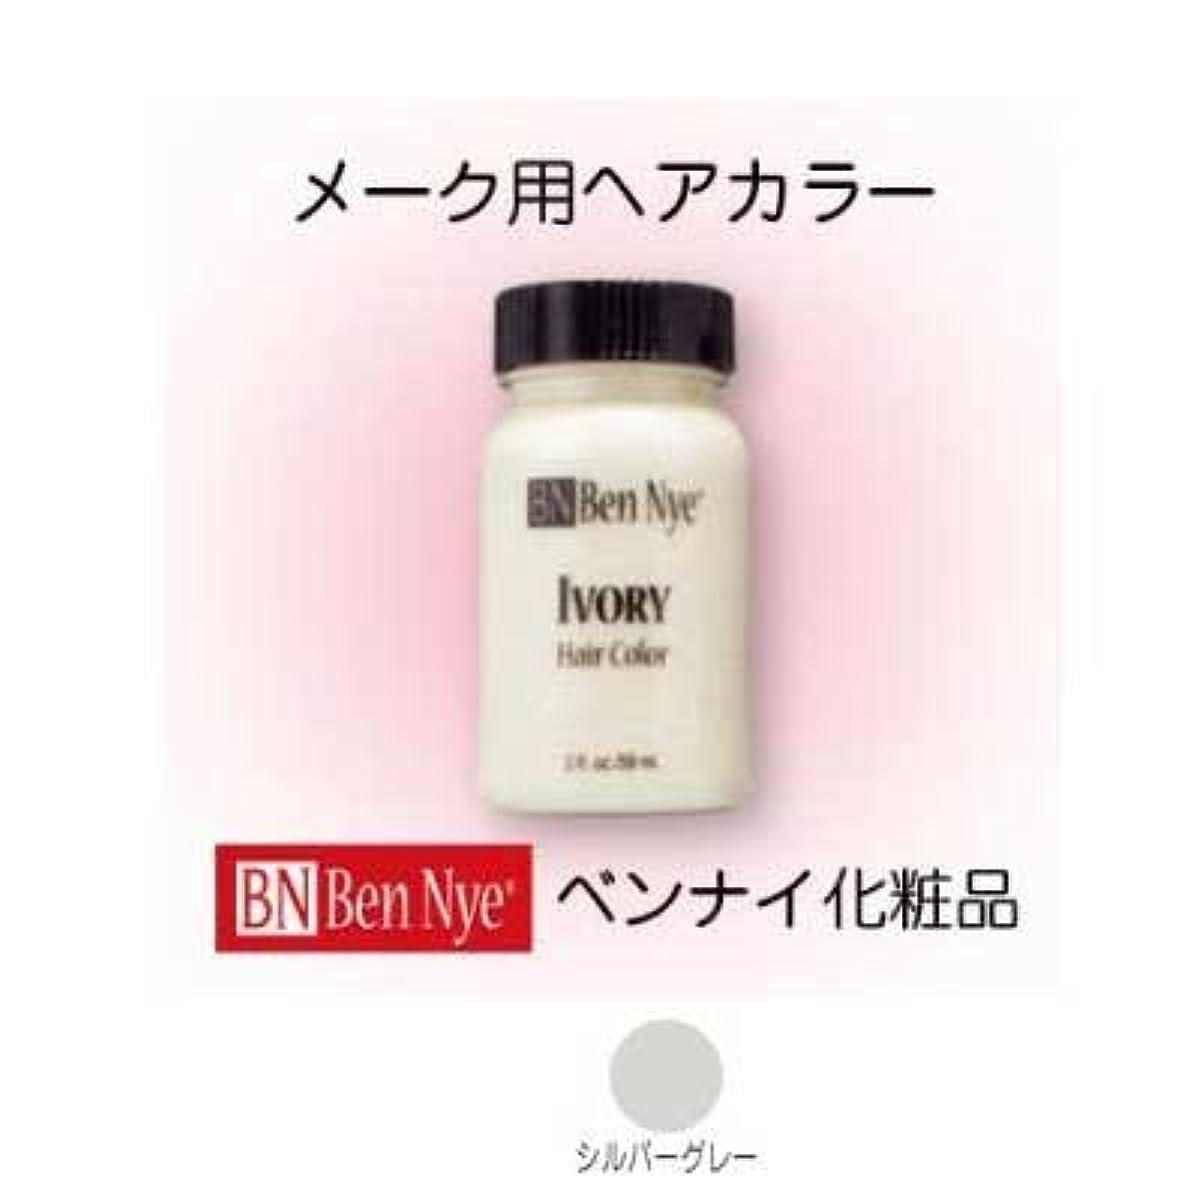 下線ヘアネブリキッドヘアーカラー シルバーグレー【ベンナイ化粧品】